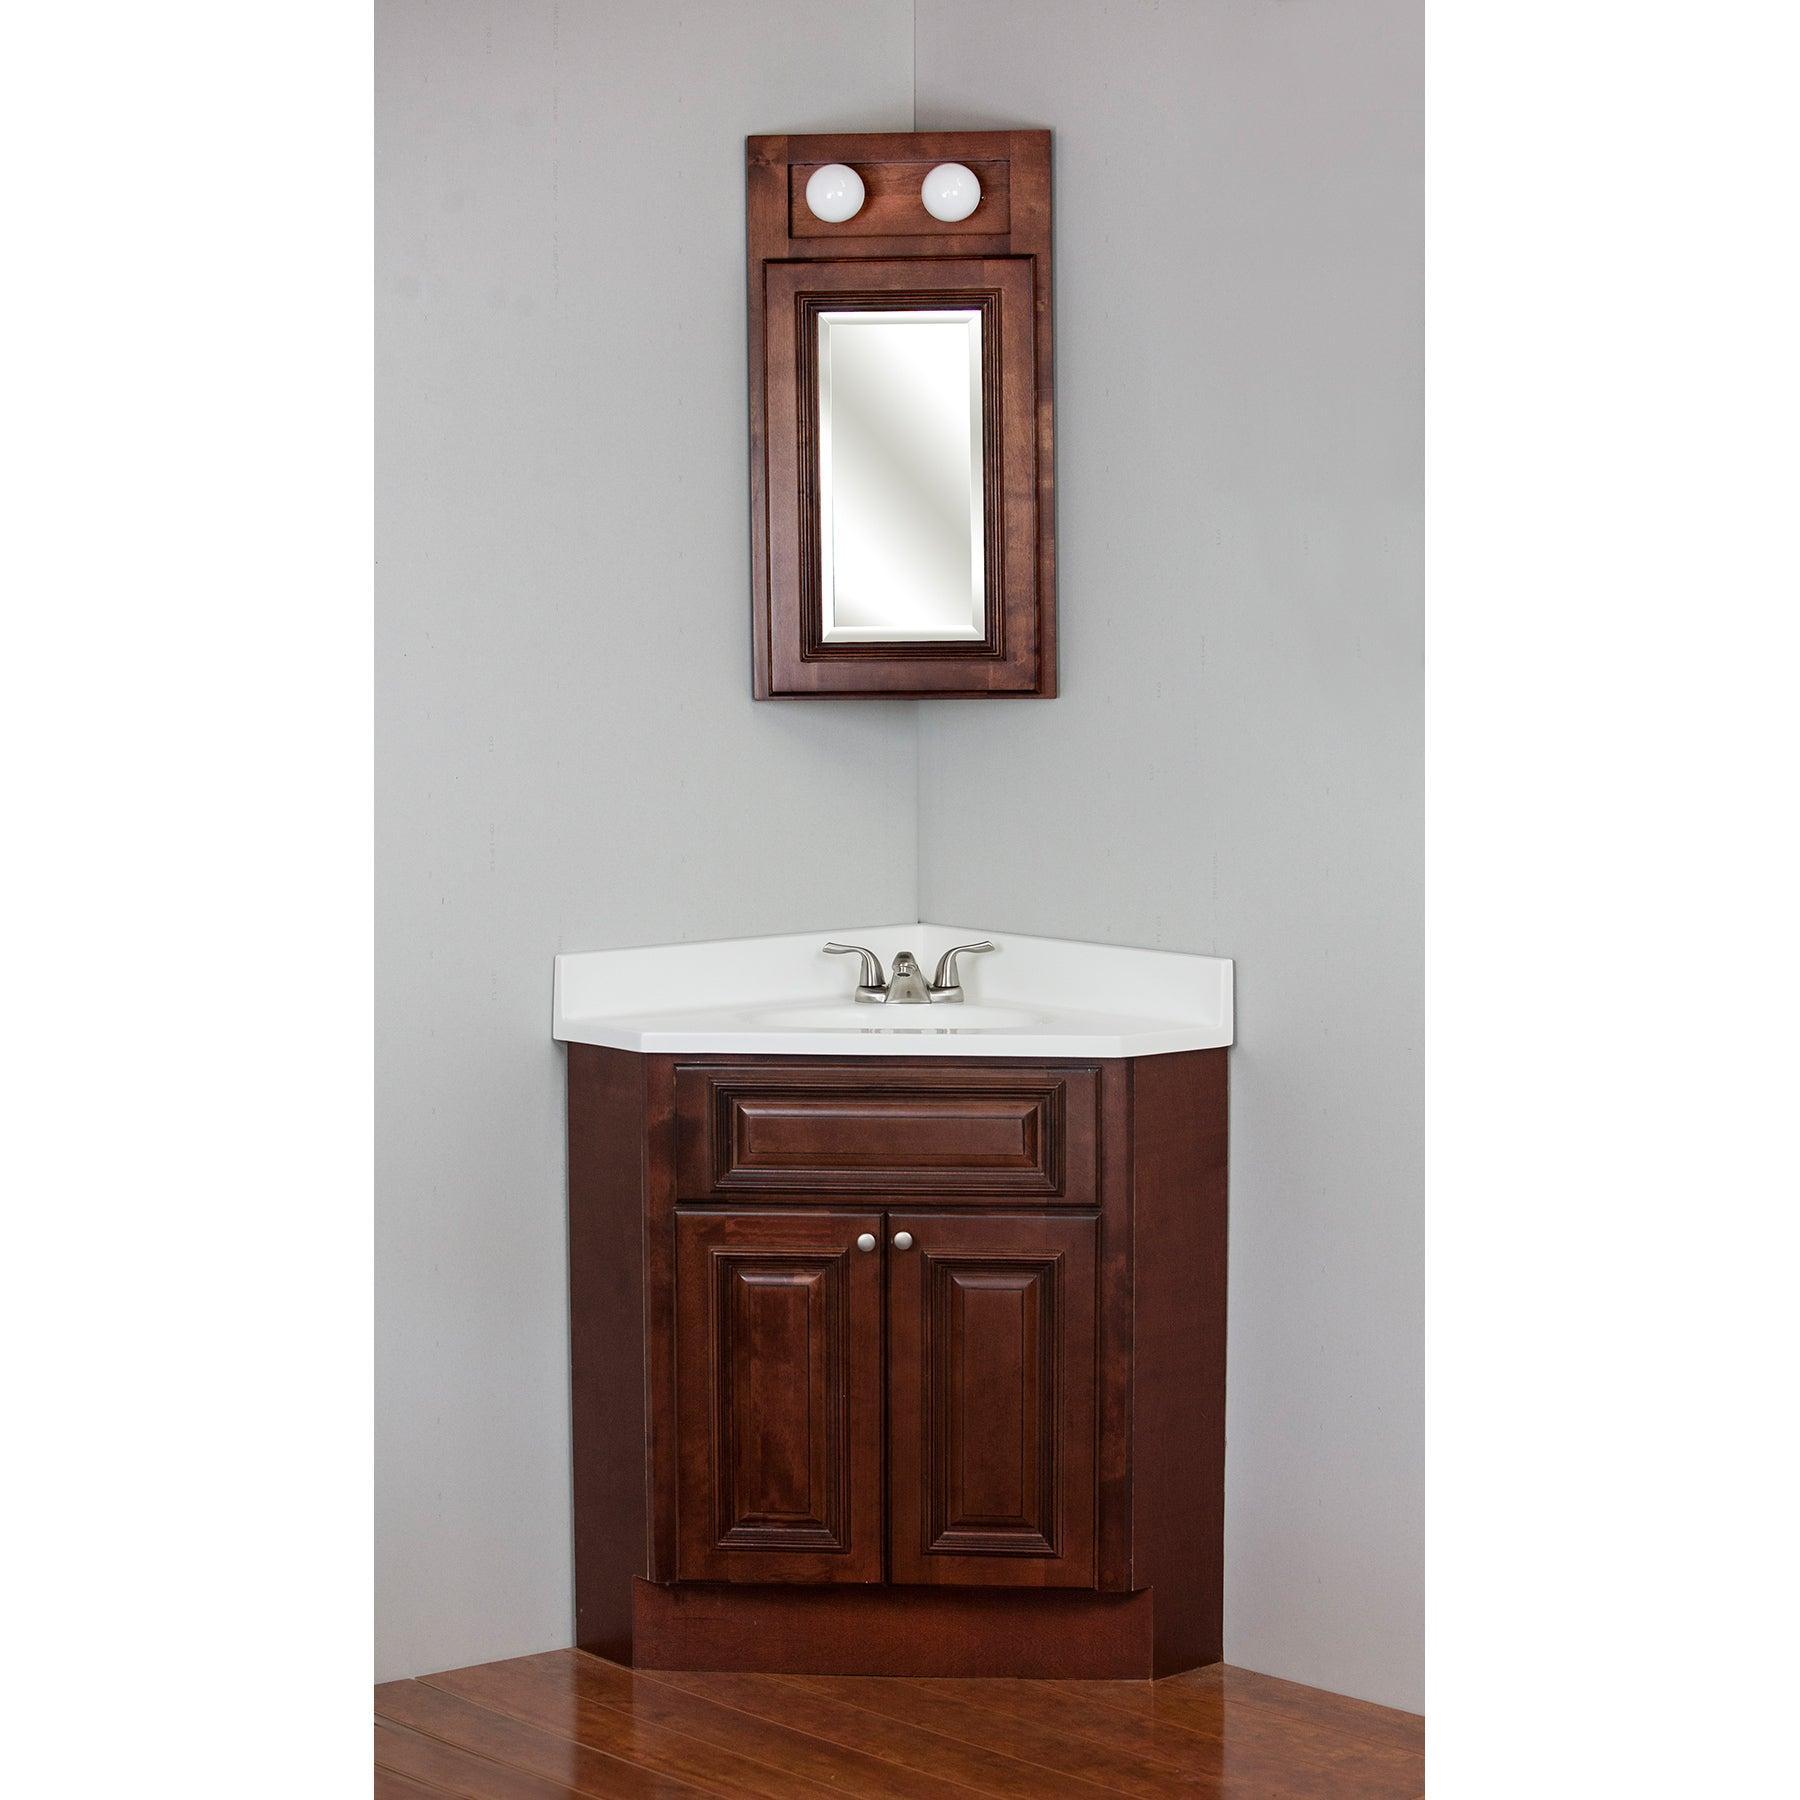 Buy 24 Inch Bathroom Vanities & Vanity Cabinets Online at Overstock ...